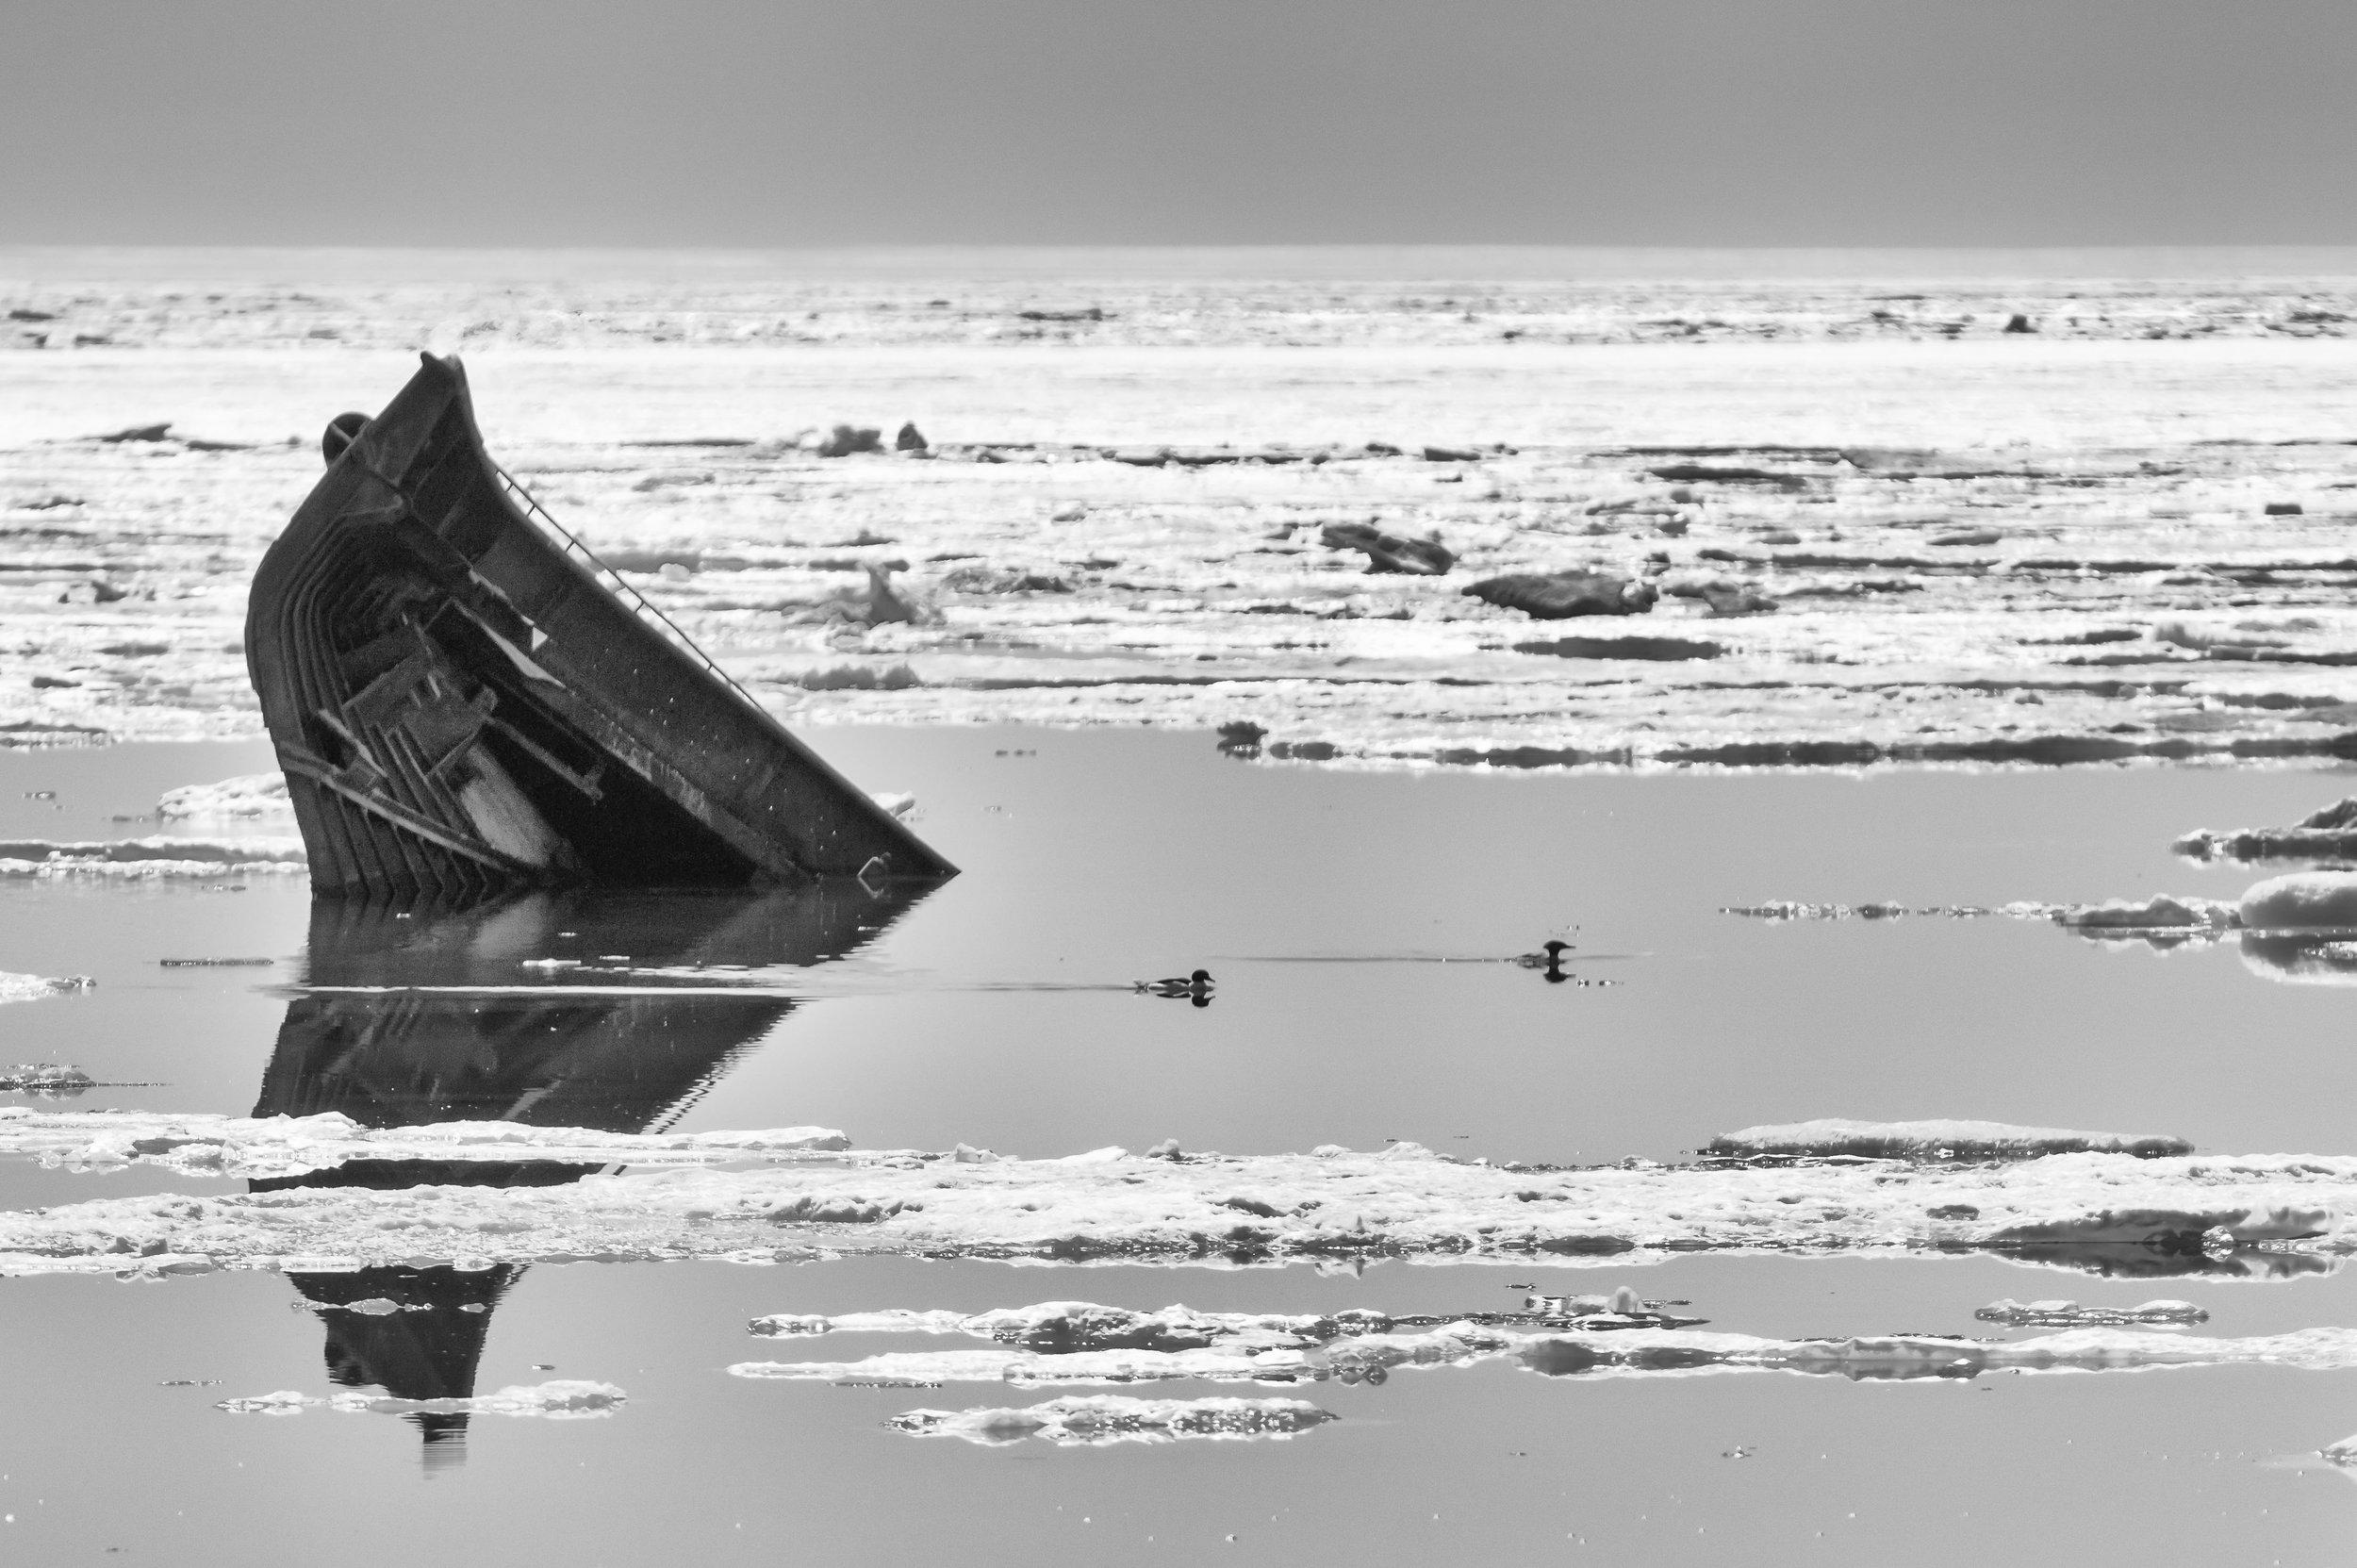 Mergansers at the Sunken Ship